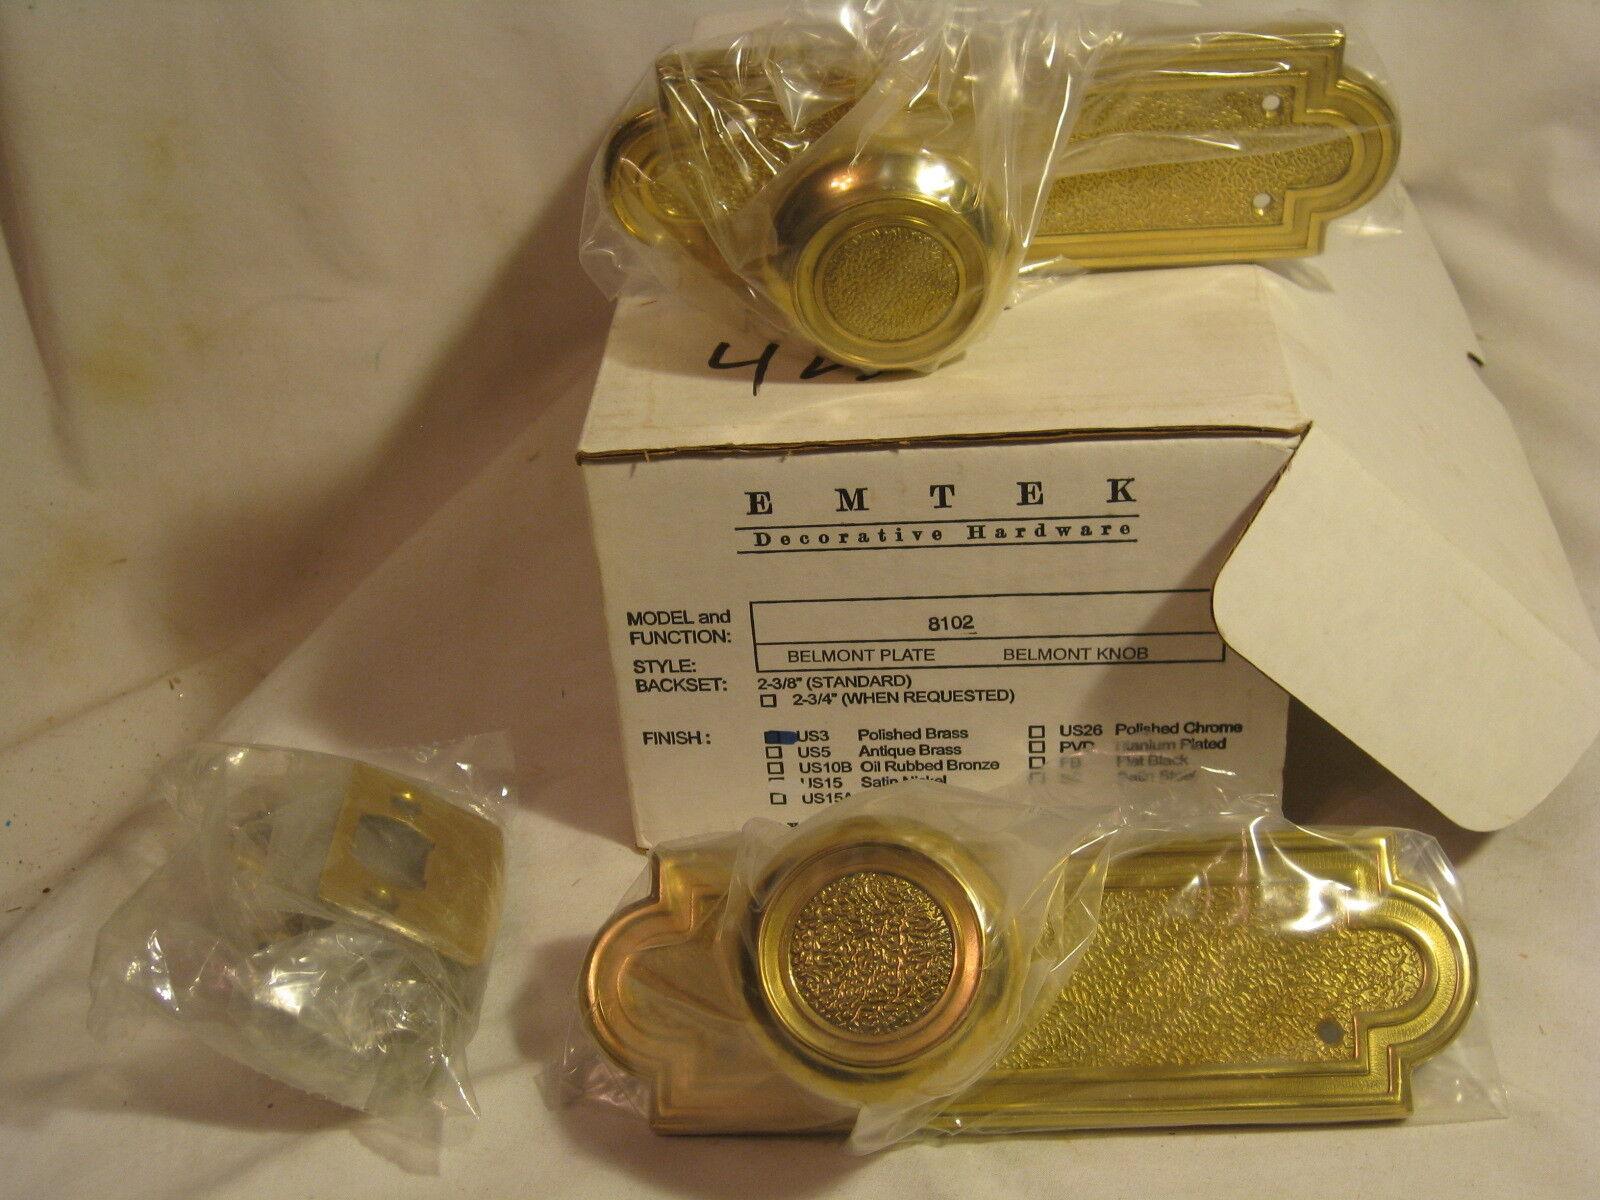 EMTEK 8202 US3 Polished Brass Belmont Plate Knob new door entry set hardware